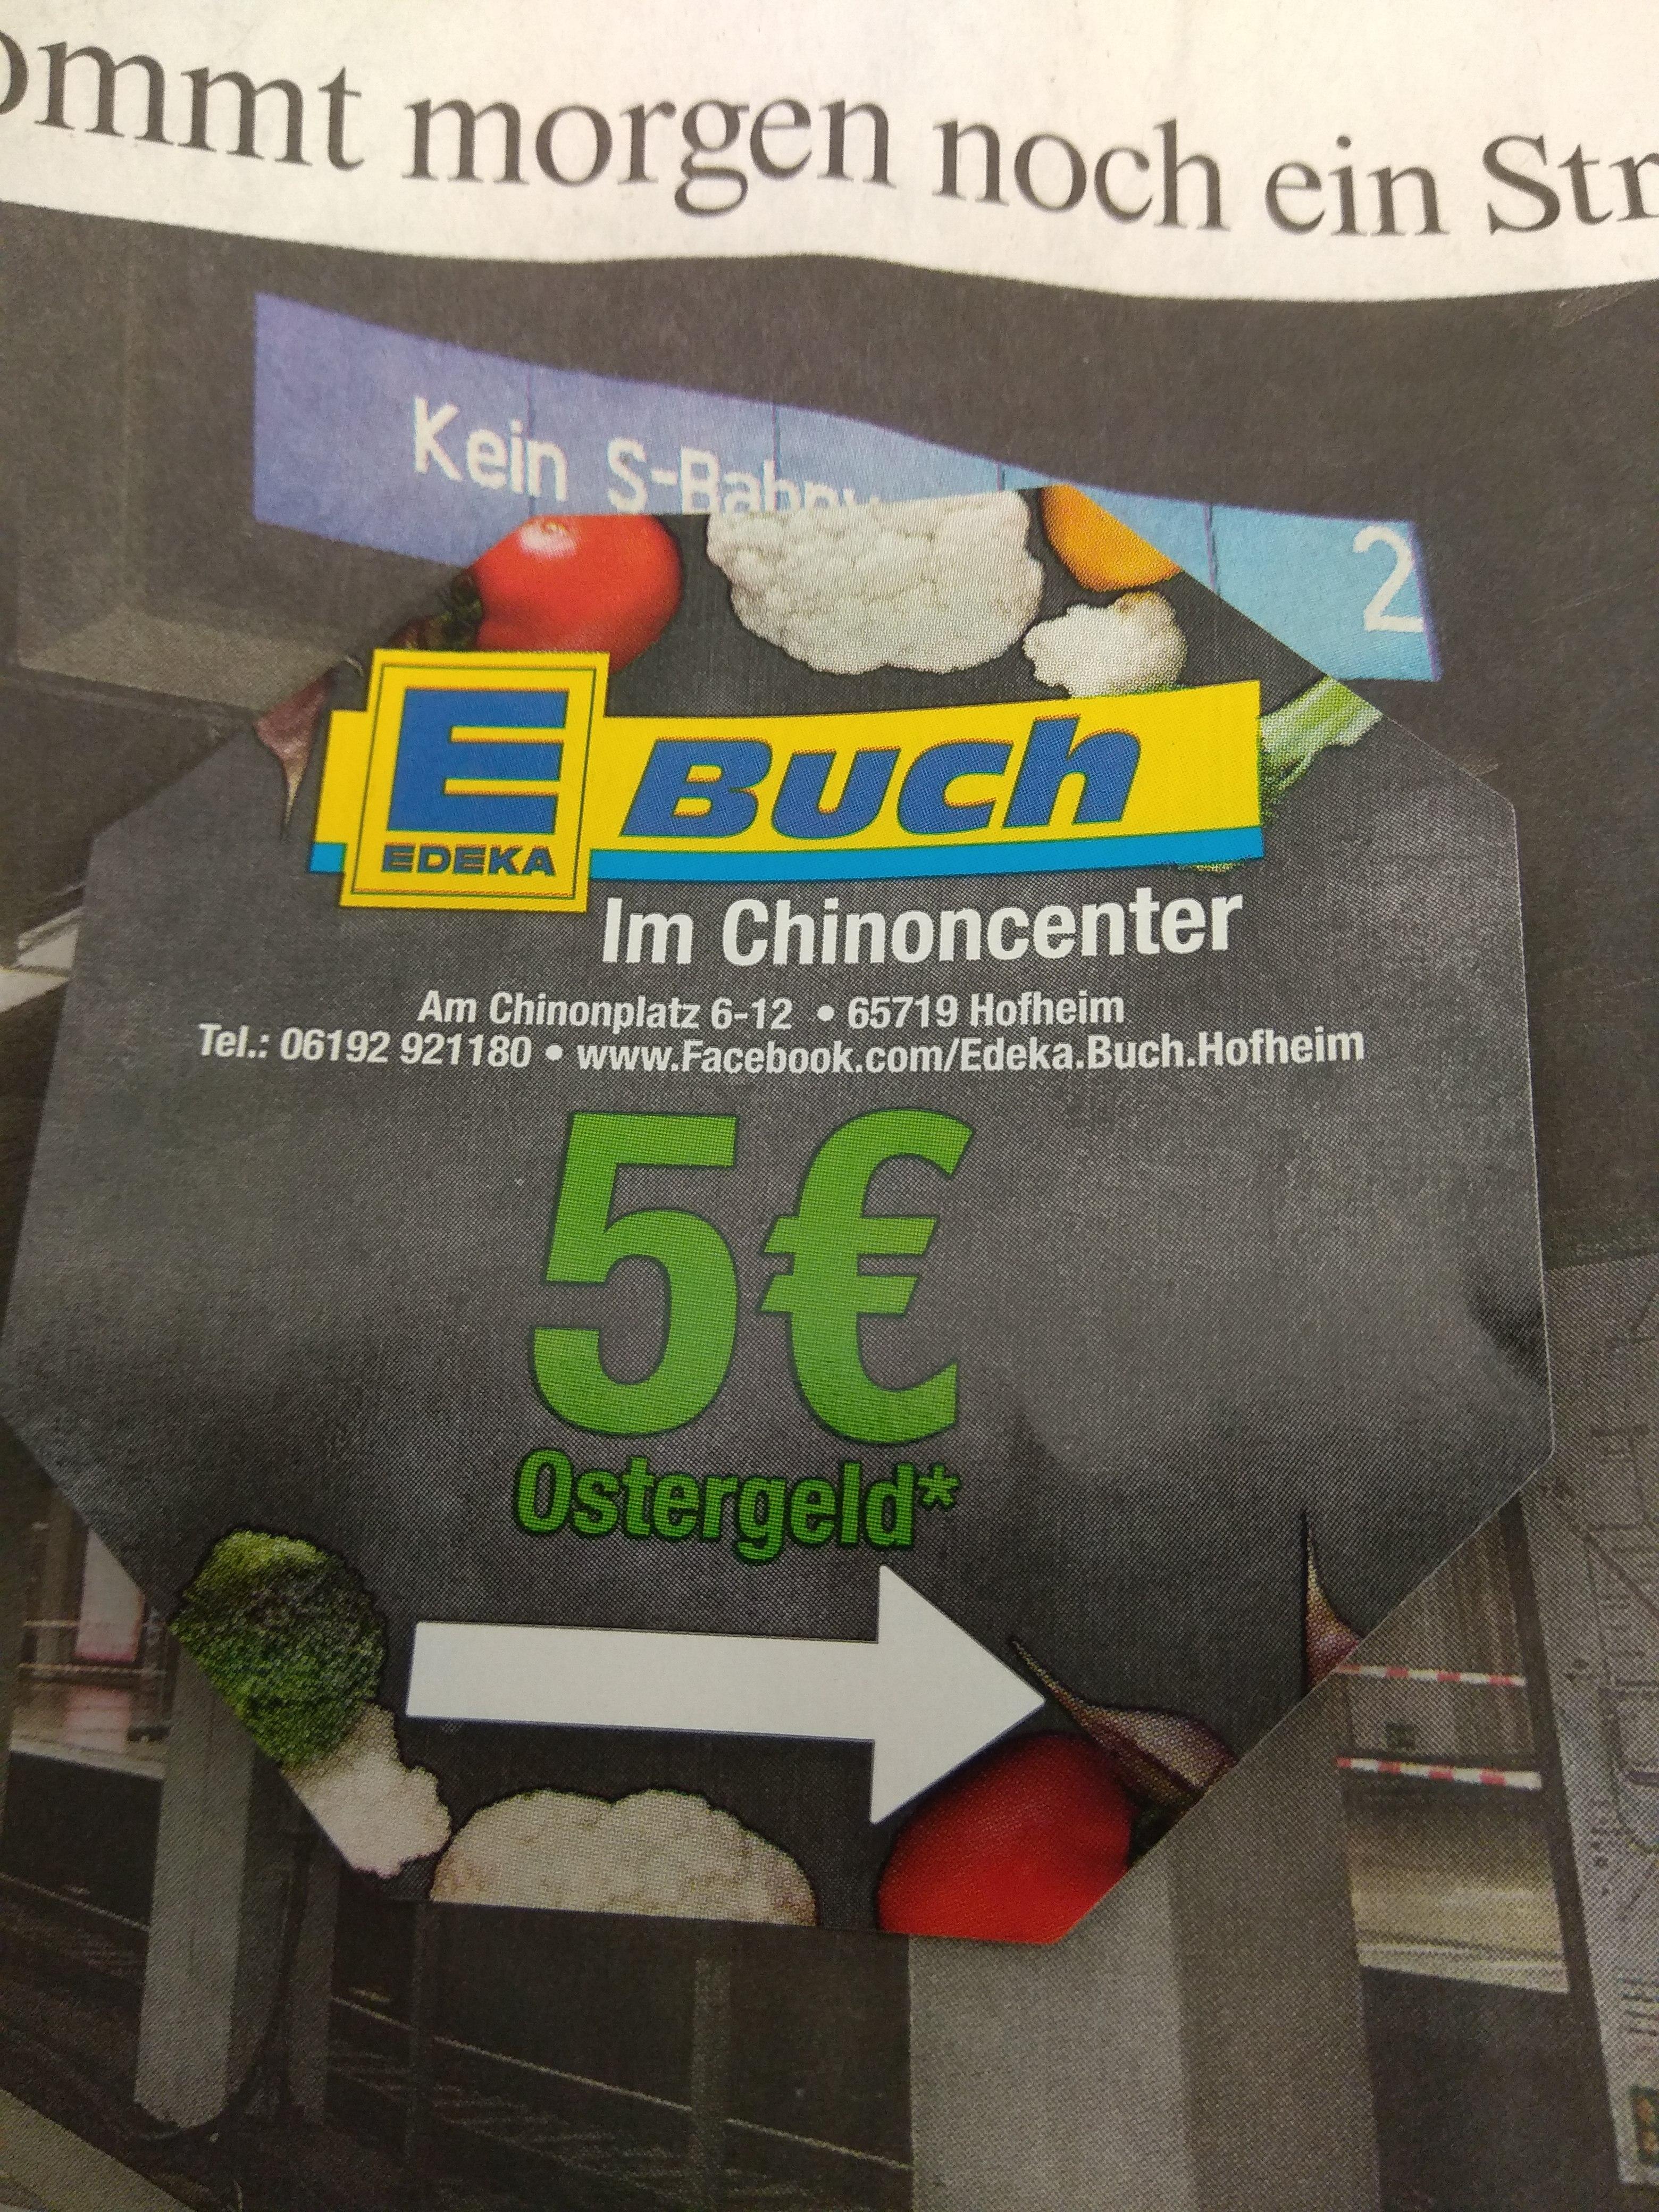 Lokal 5€ Gutschein bei 10€ Einkauf im Edeka Buch im chinon Center Hofheim @ FAZ